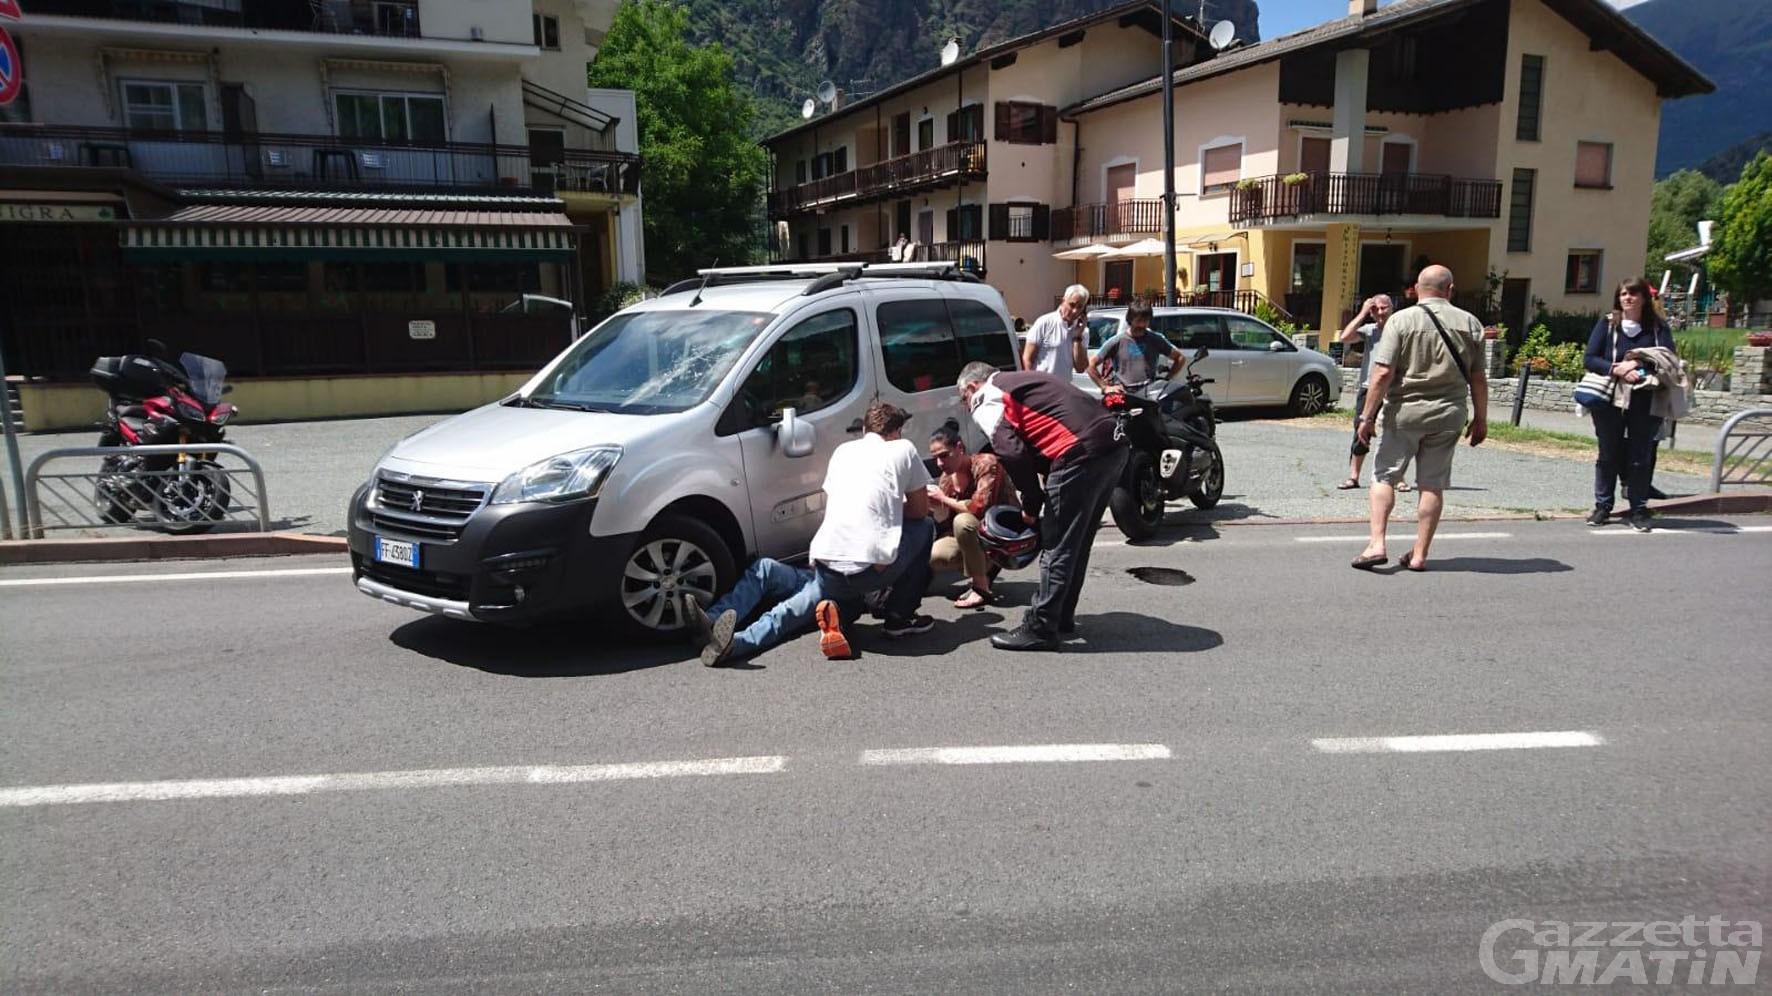 Incidenti stradali: impatto tra auto e moto a Montjovet